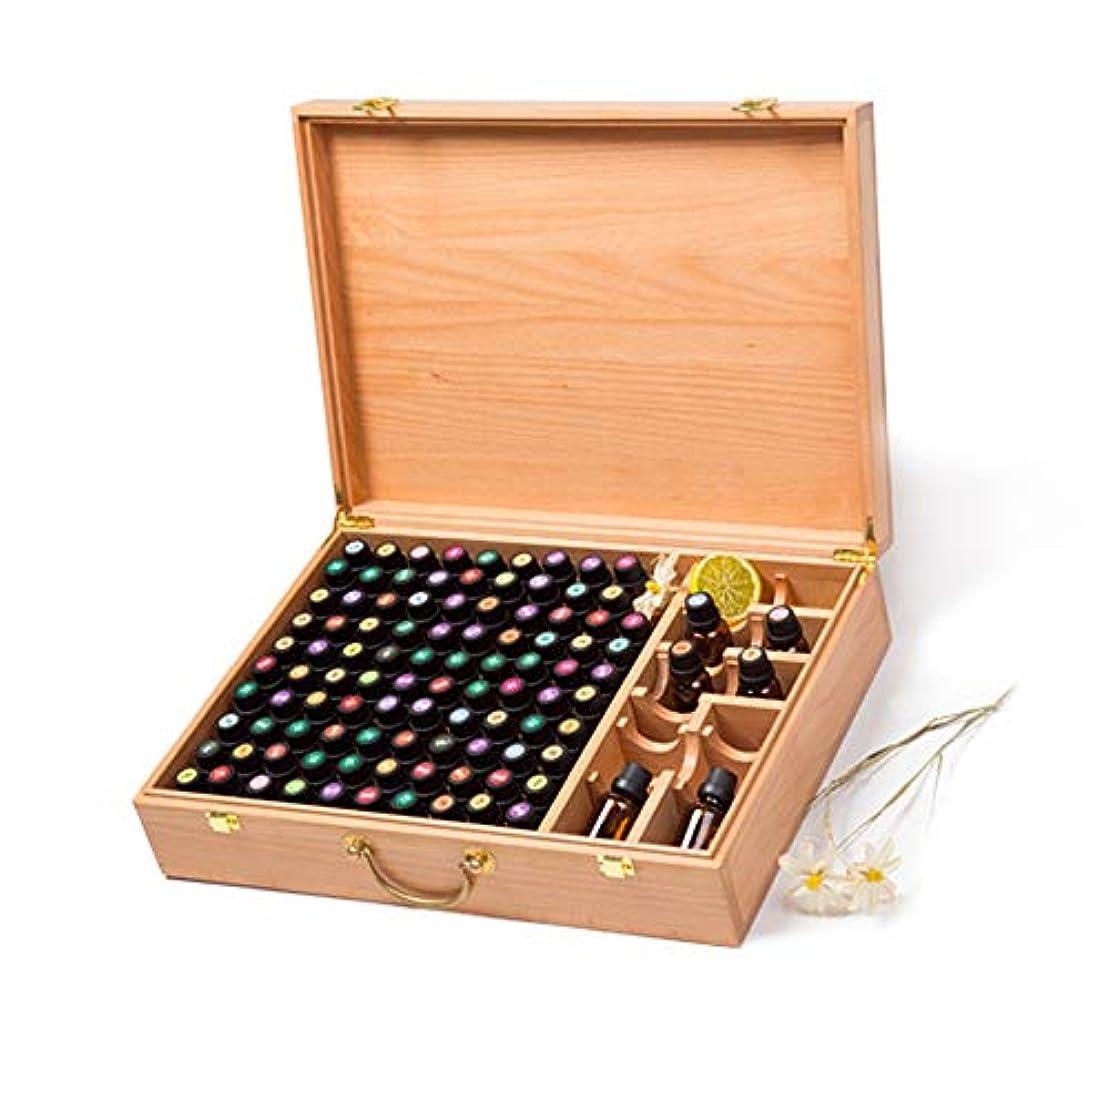 破滅縞模様の素晴らしい良い多くのアロマセラピー収納ボックス ハンドル100手作りの木製のエッセンシャルオイルの収納ボックスとパーフェクトオイルカートン エッセンシャルオイル収納ボックス (色 : Natural, サイズ : 44X31.5X10.5CM)